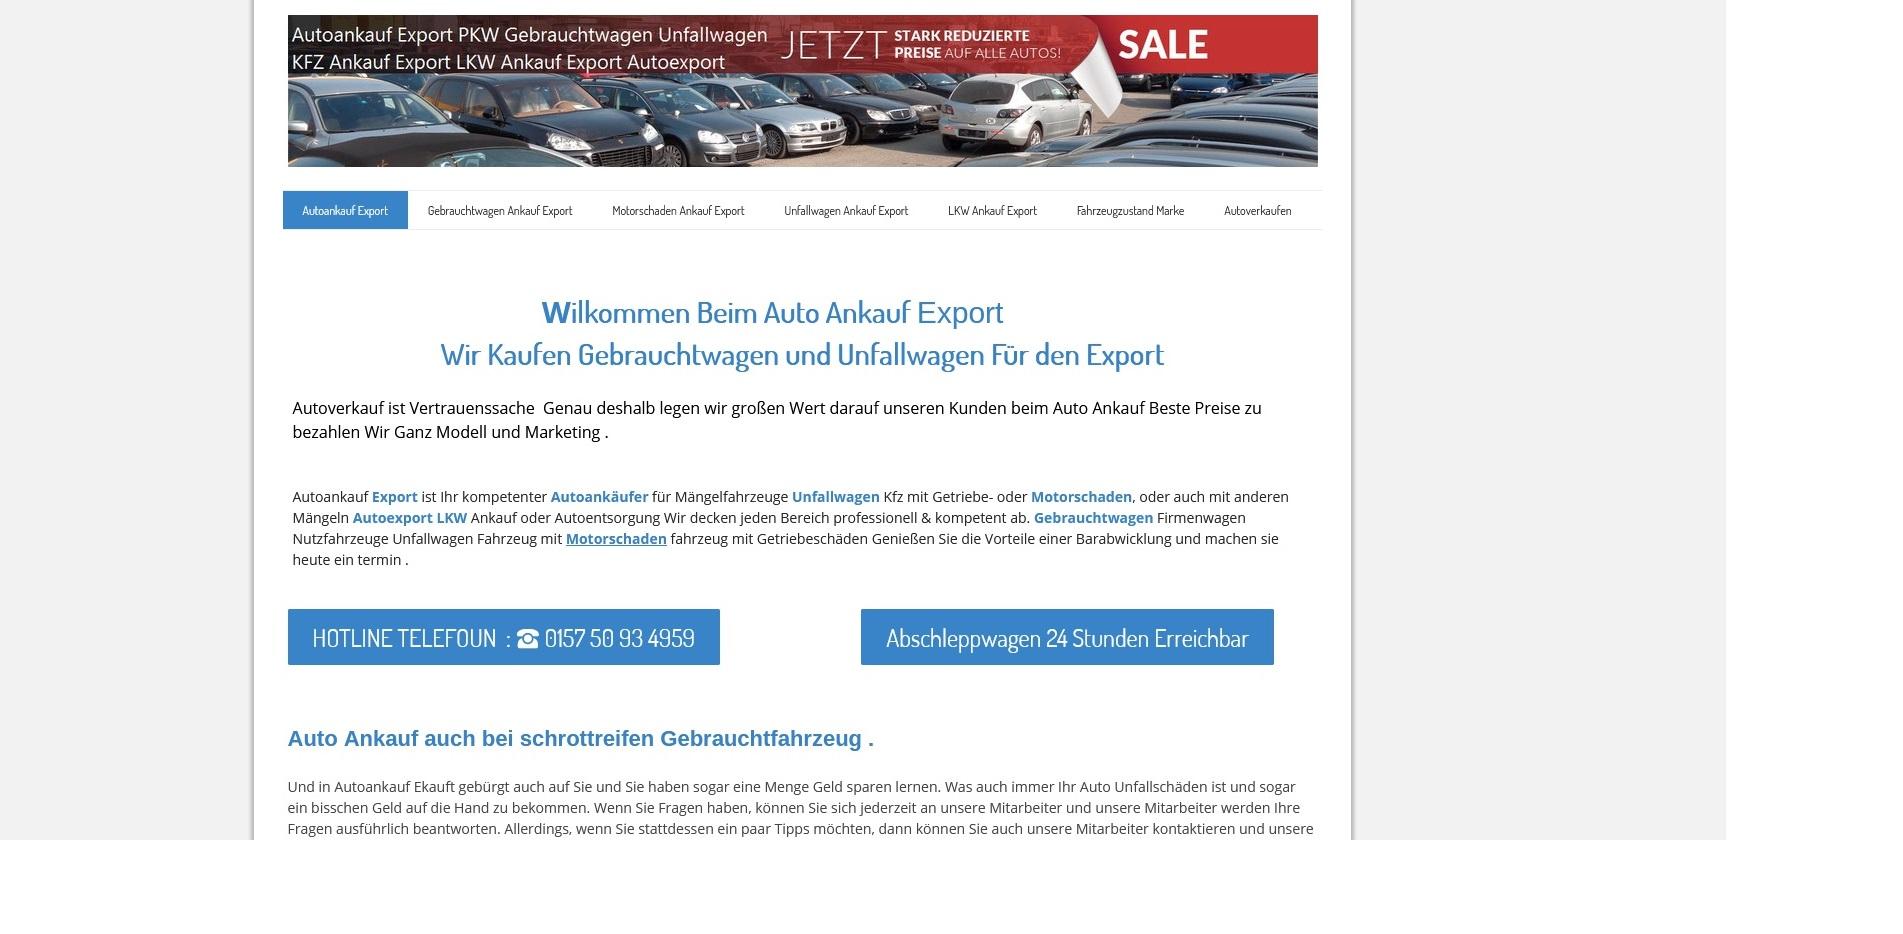 autoanakuf chemnitz kauft ihr altfahrzeug zur hoechstpreise - Autoanakuf Chemnitz kauft ihr Altfahrzeug zur Höchstpreise